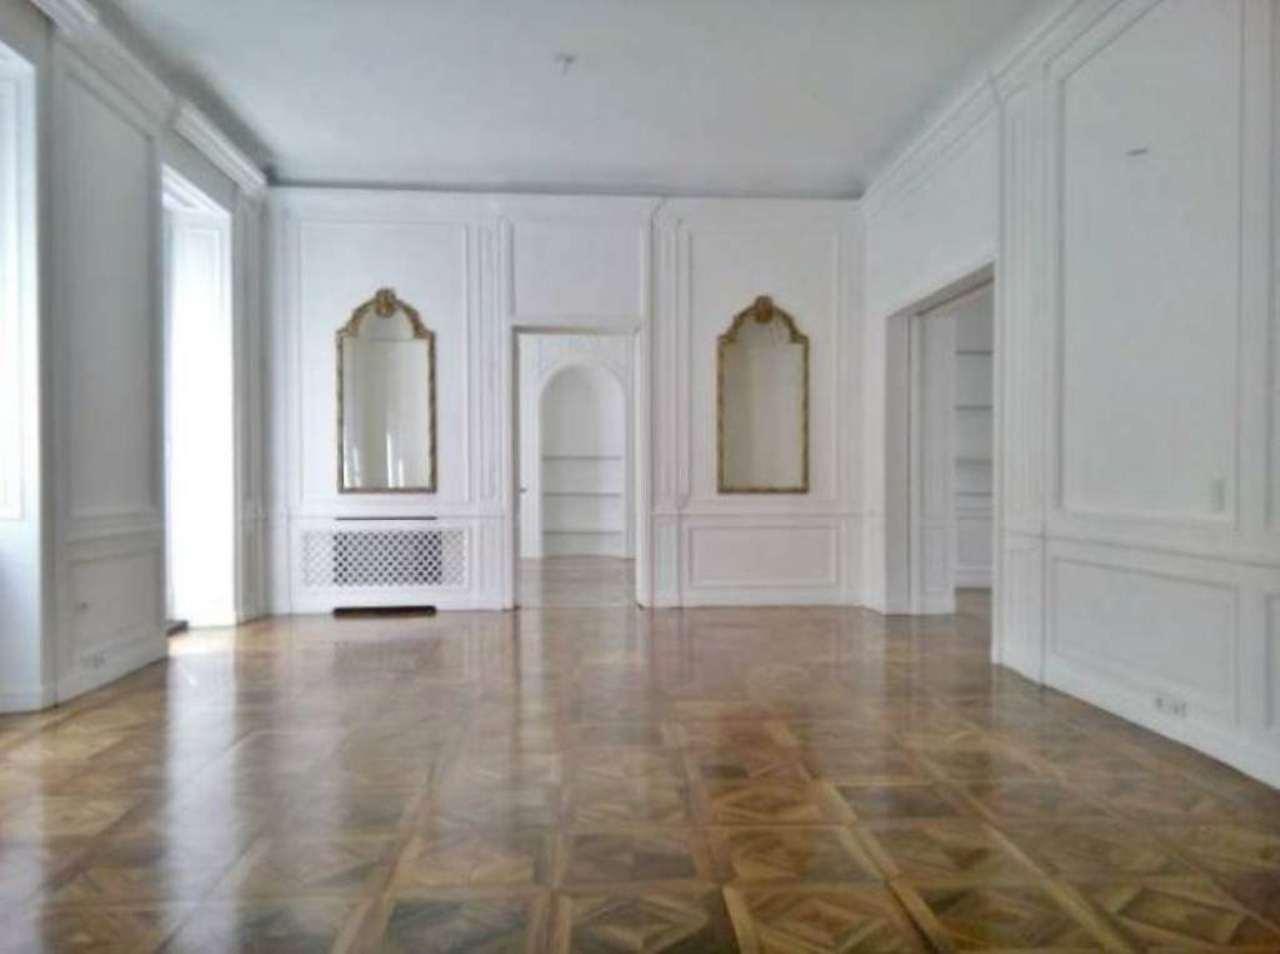 Ufficio / Studio in affitto a Milano, 3 locali, zona Zona: 1 . Centro Storico, Duomo, Brera, Cadorna, Cattolica, prezzo € 7.083 | CambioCasa.it